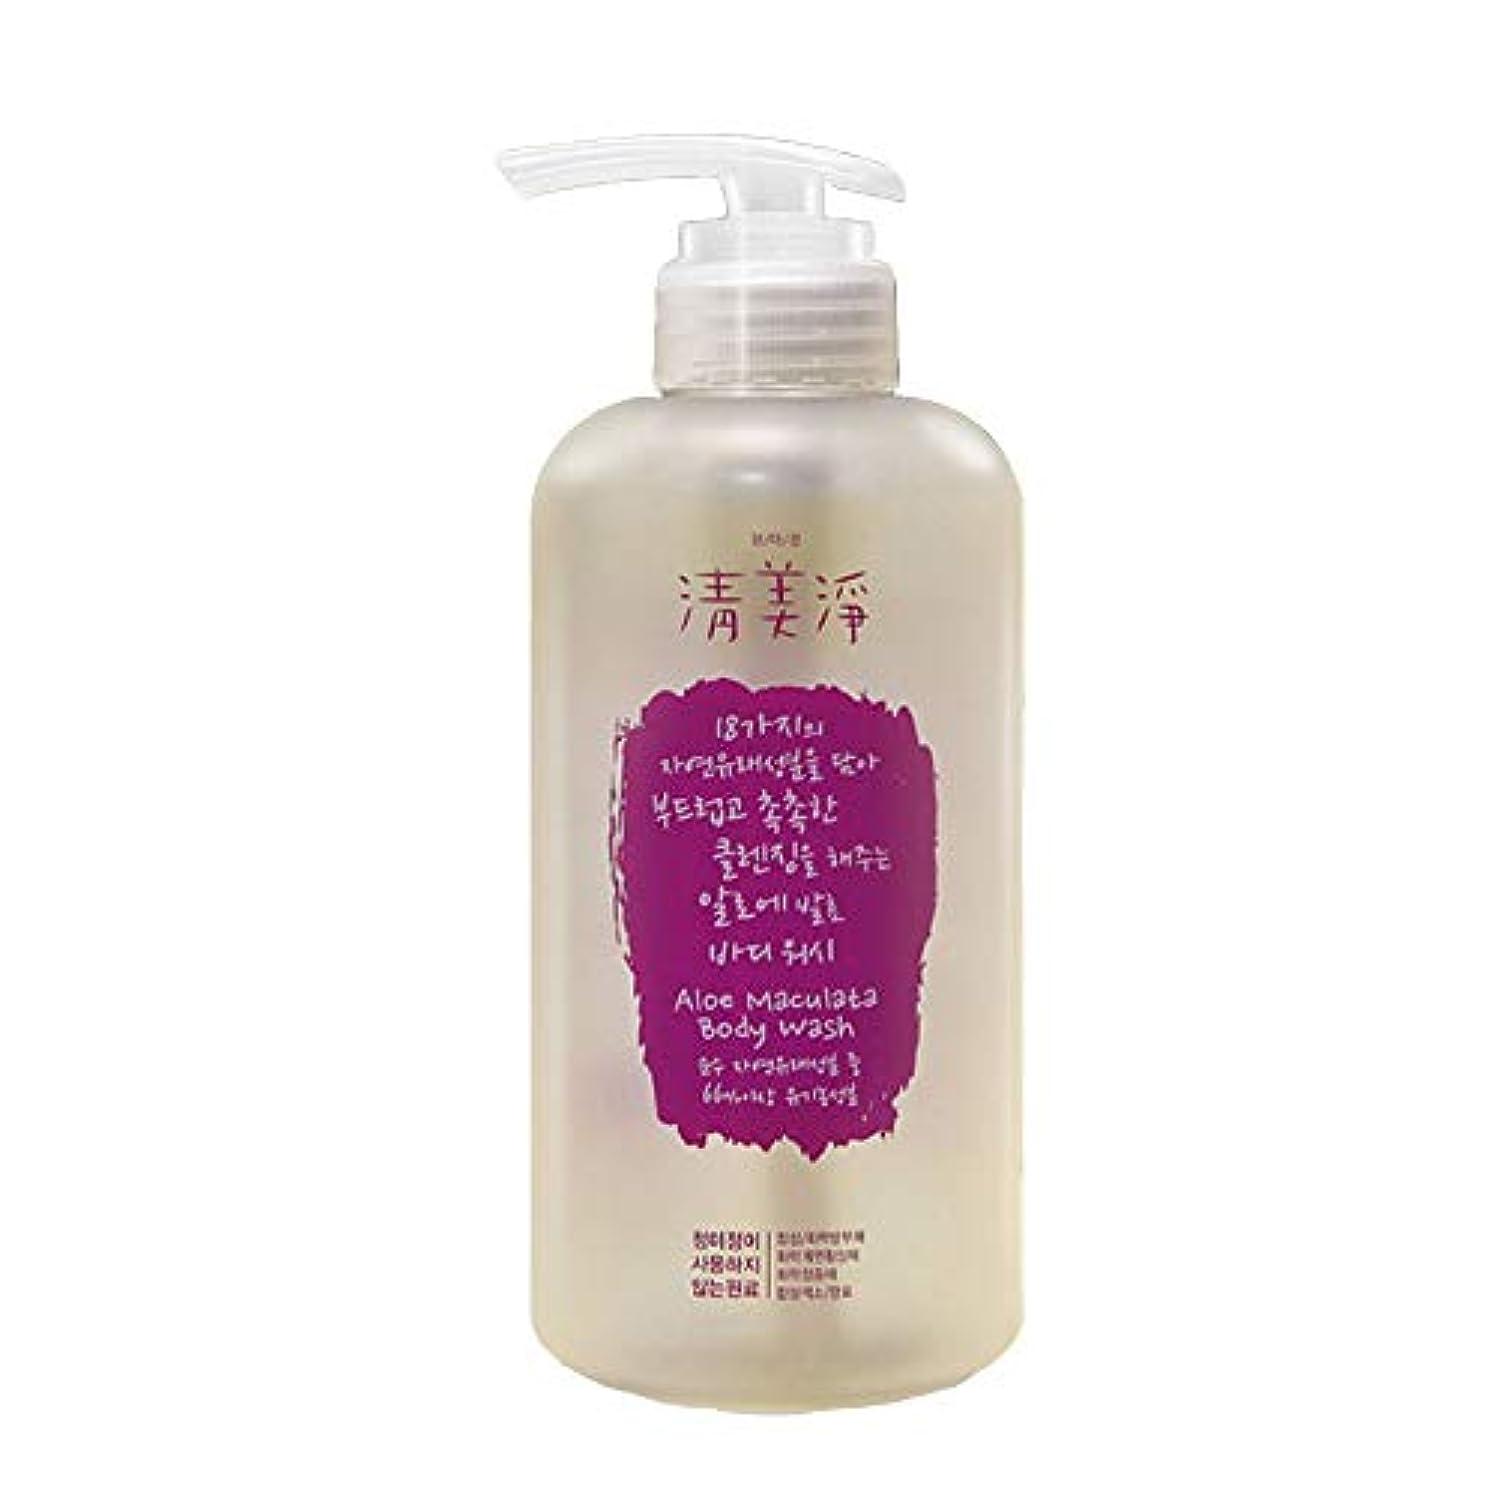 レパートリー見物人連邦[ChungMiJung] 清美浄(チョンミジョン) アロエ発酵ボディウォッシュ 500ml Aloe Maculata Body Wash - Organic Body Wash with 18 Ingredients...